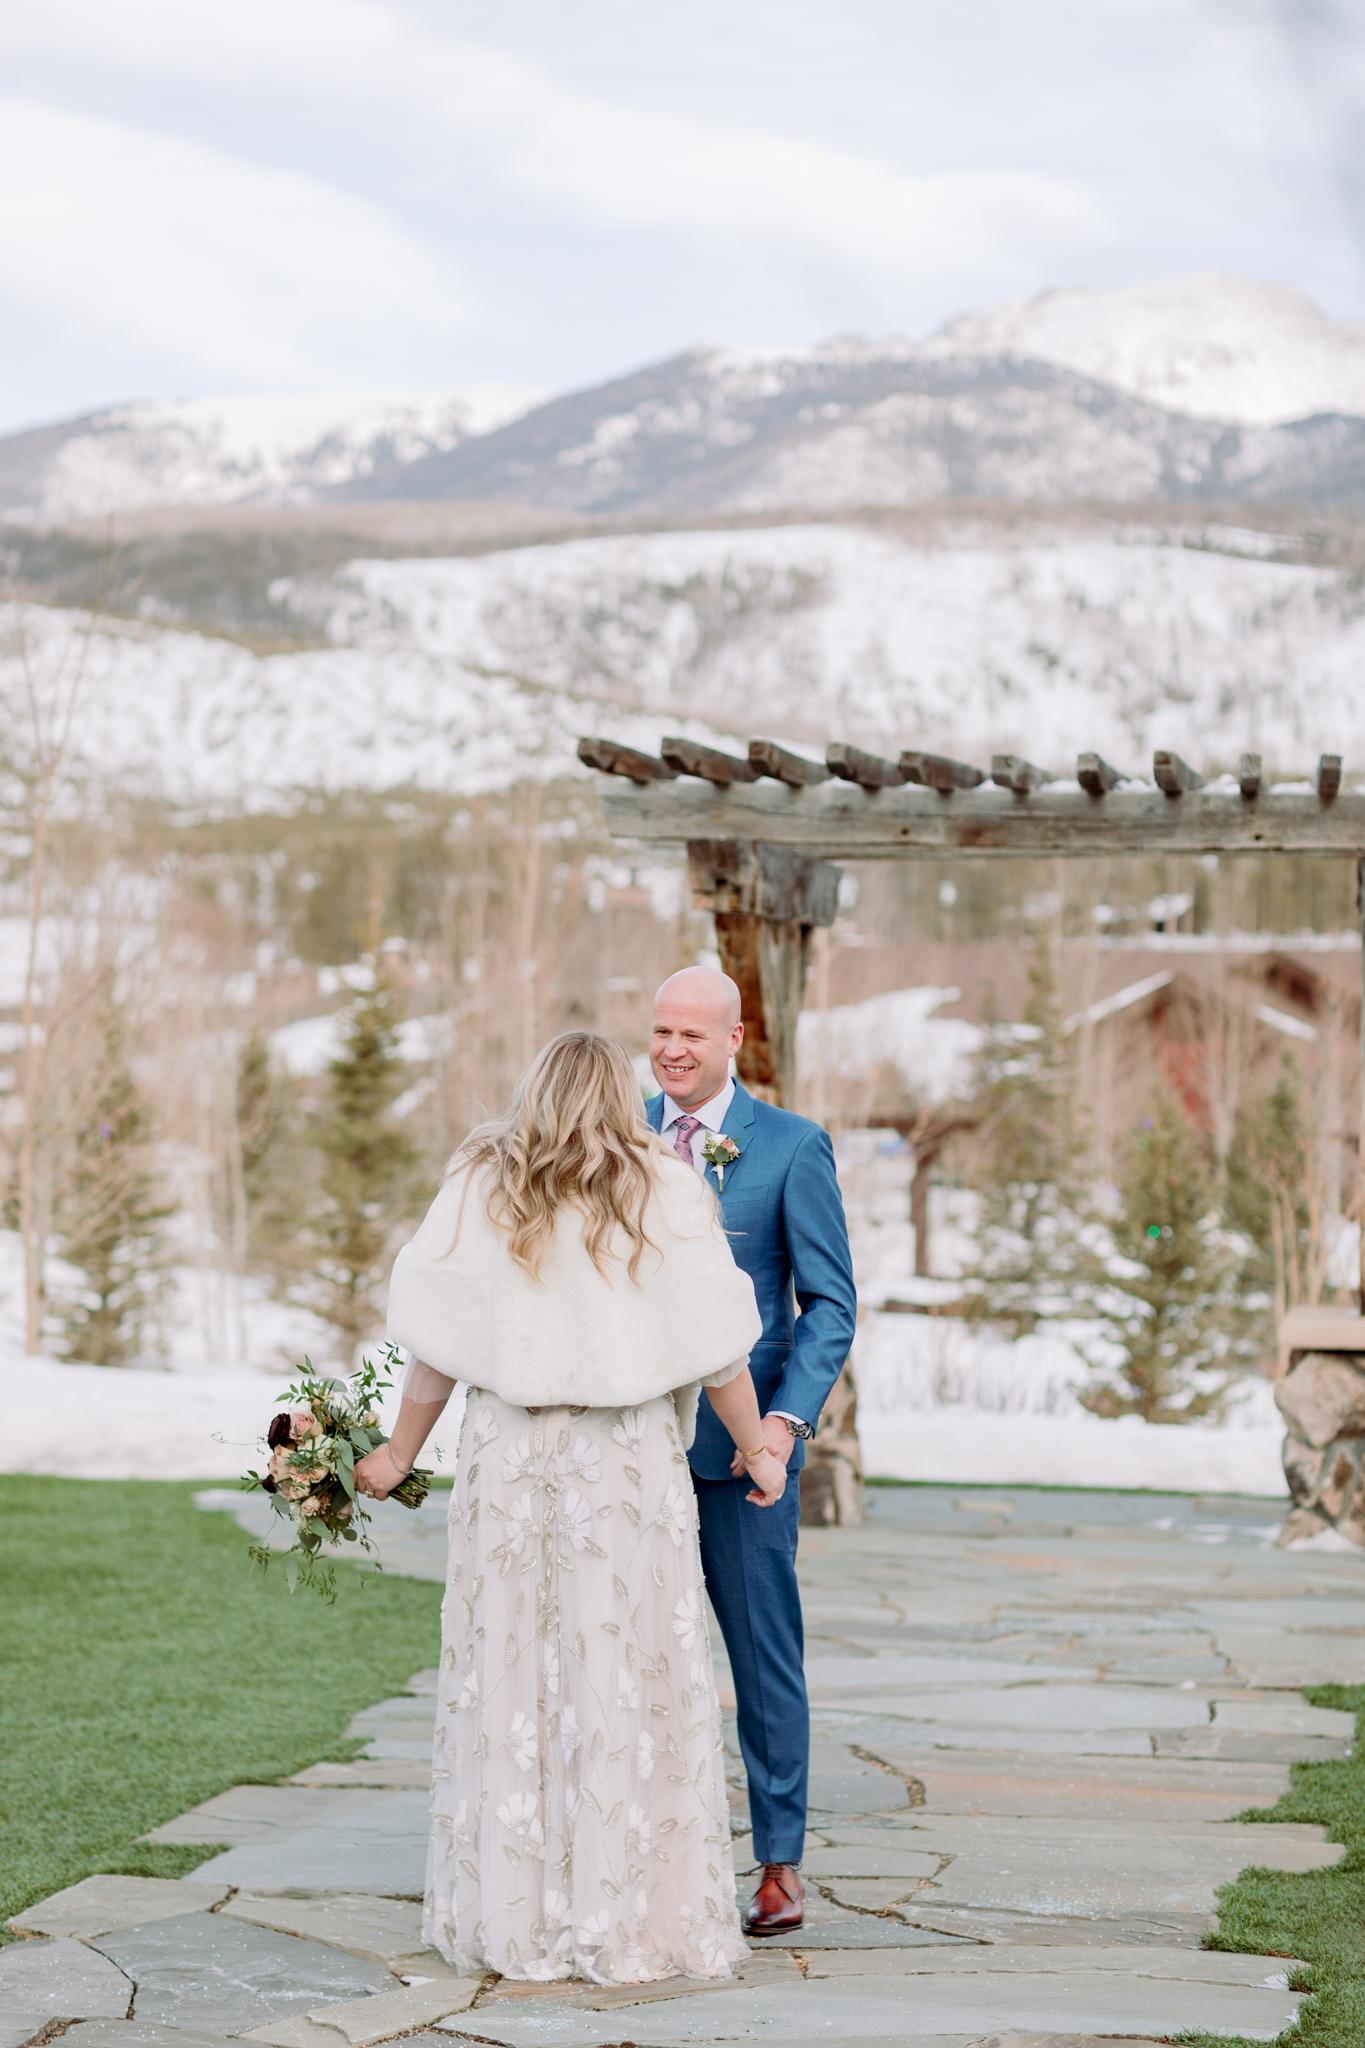 Devils-Thumb-Ranch-Tabernash-Colorado-Winter-Outdoor-Wedding-First-Look